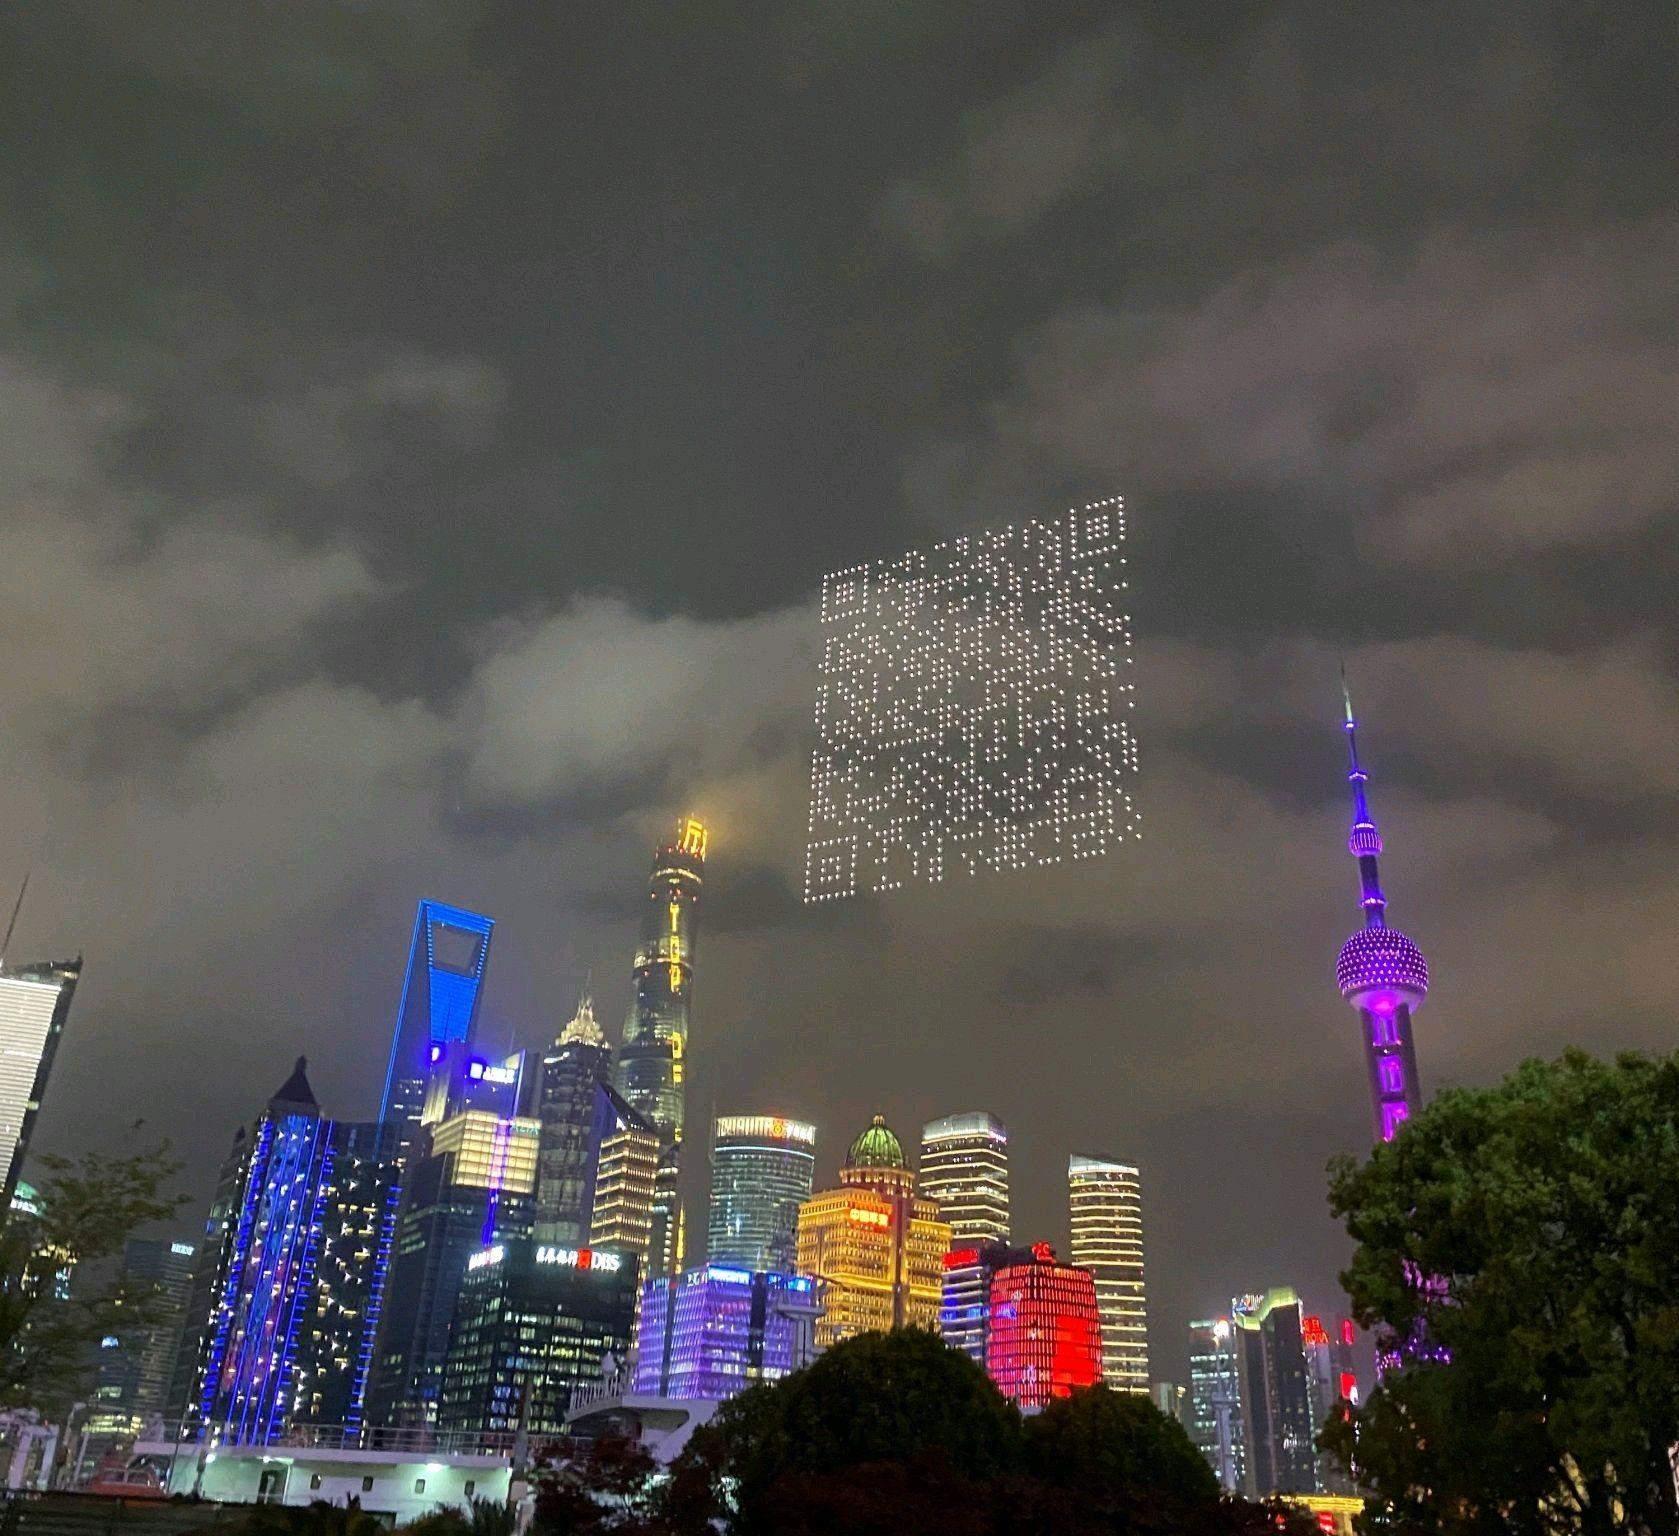 Реклама компании Bilibili в Шанхае